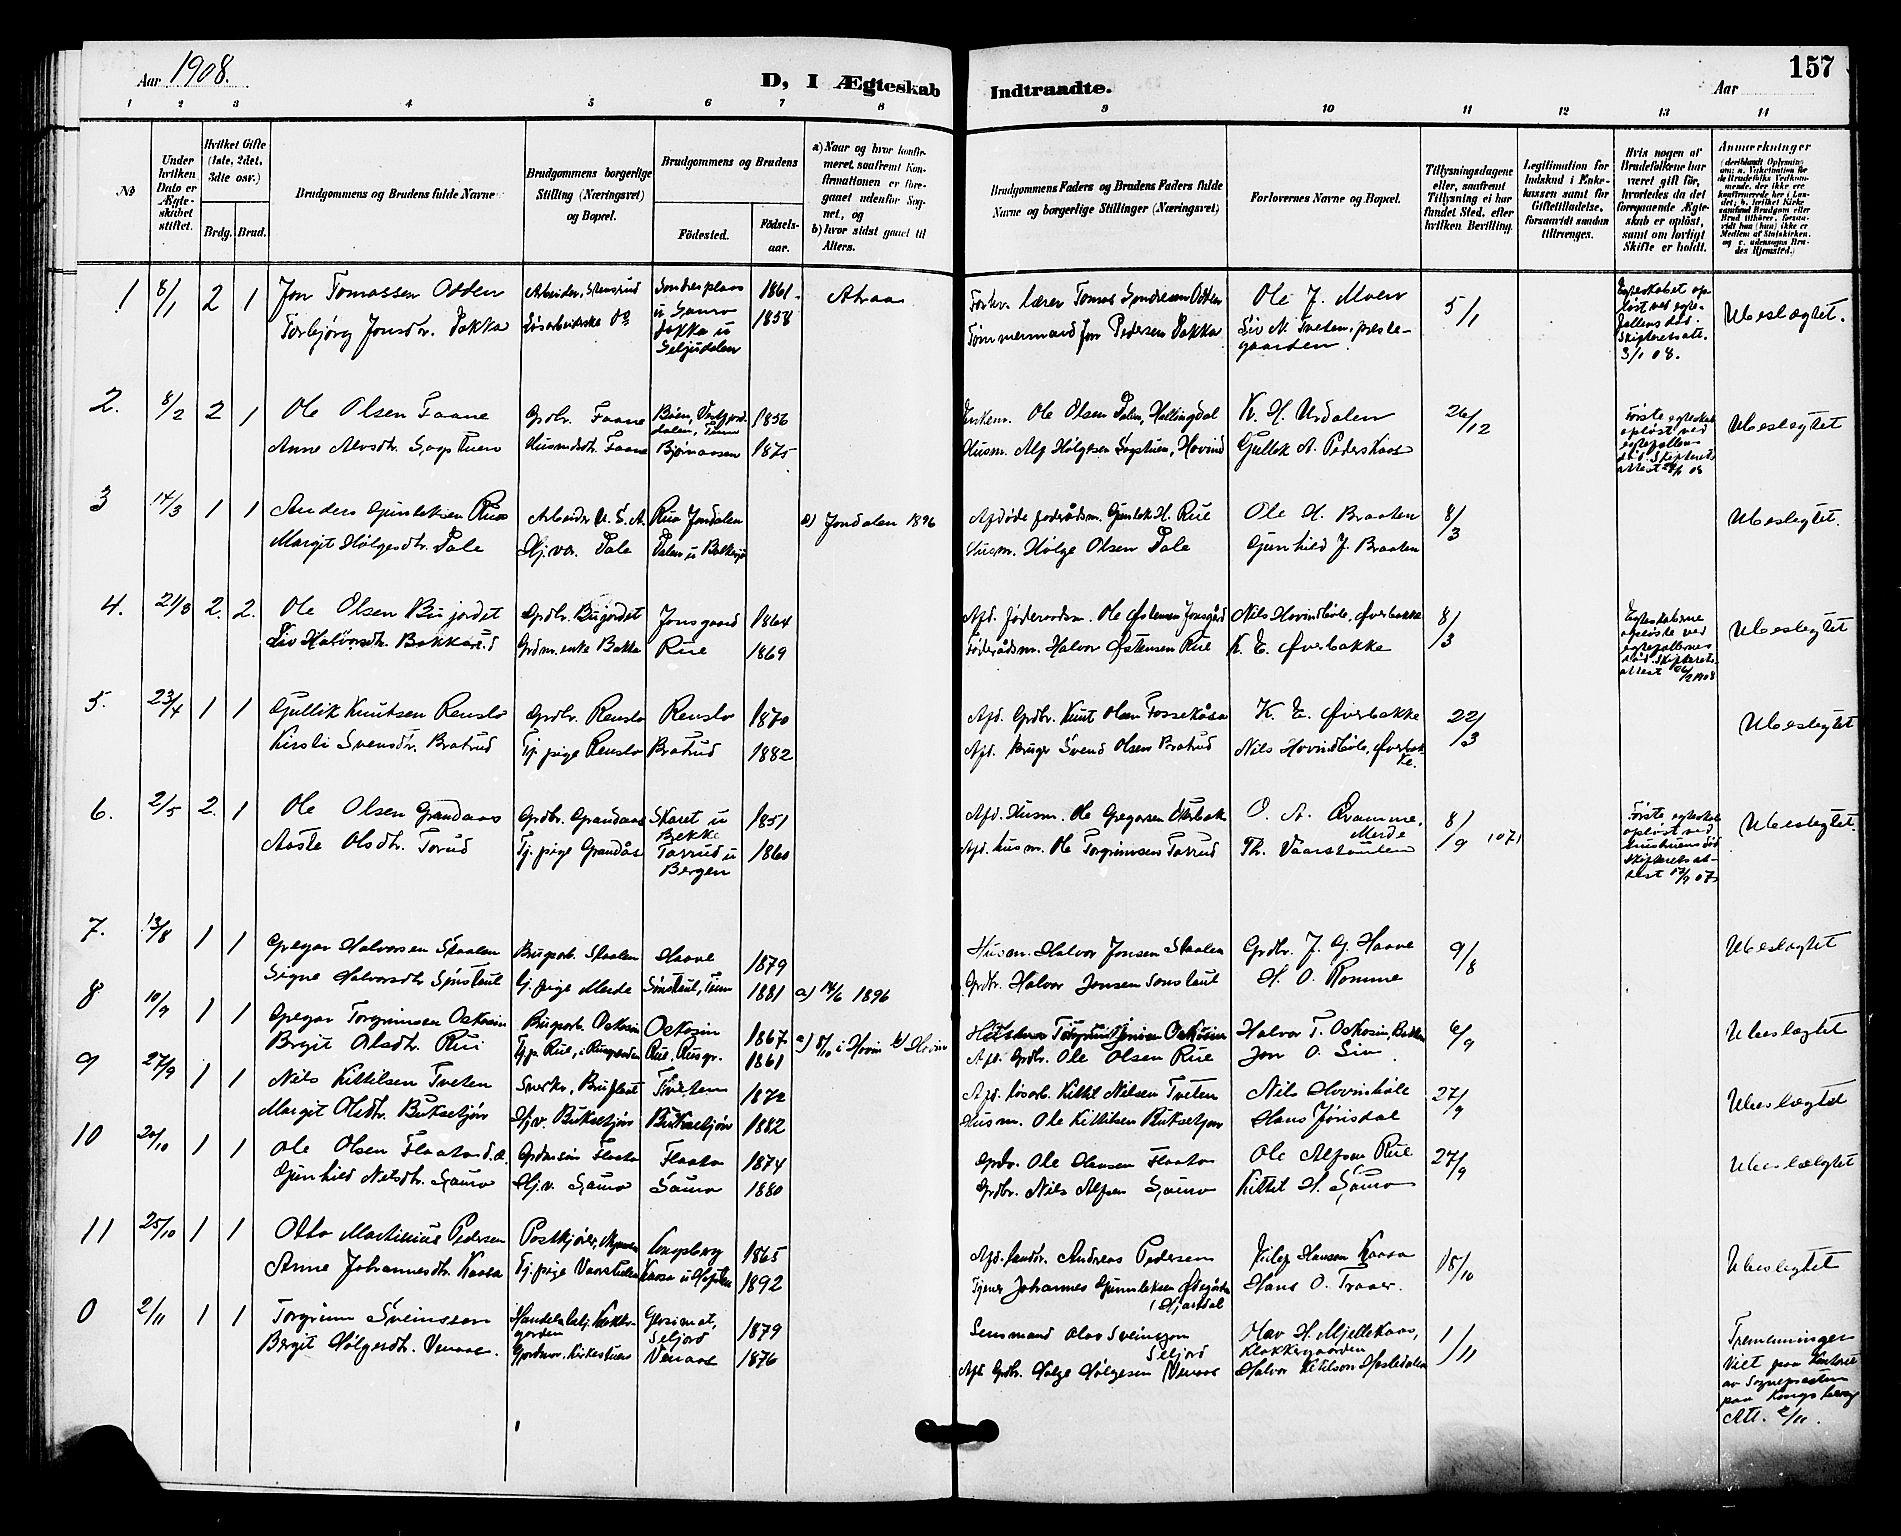 SAKO, Gransherad kirkebøker, G/Ga/L0003: Klokkerbok nr. I 3, 1887-1915, s. 157